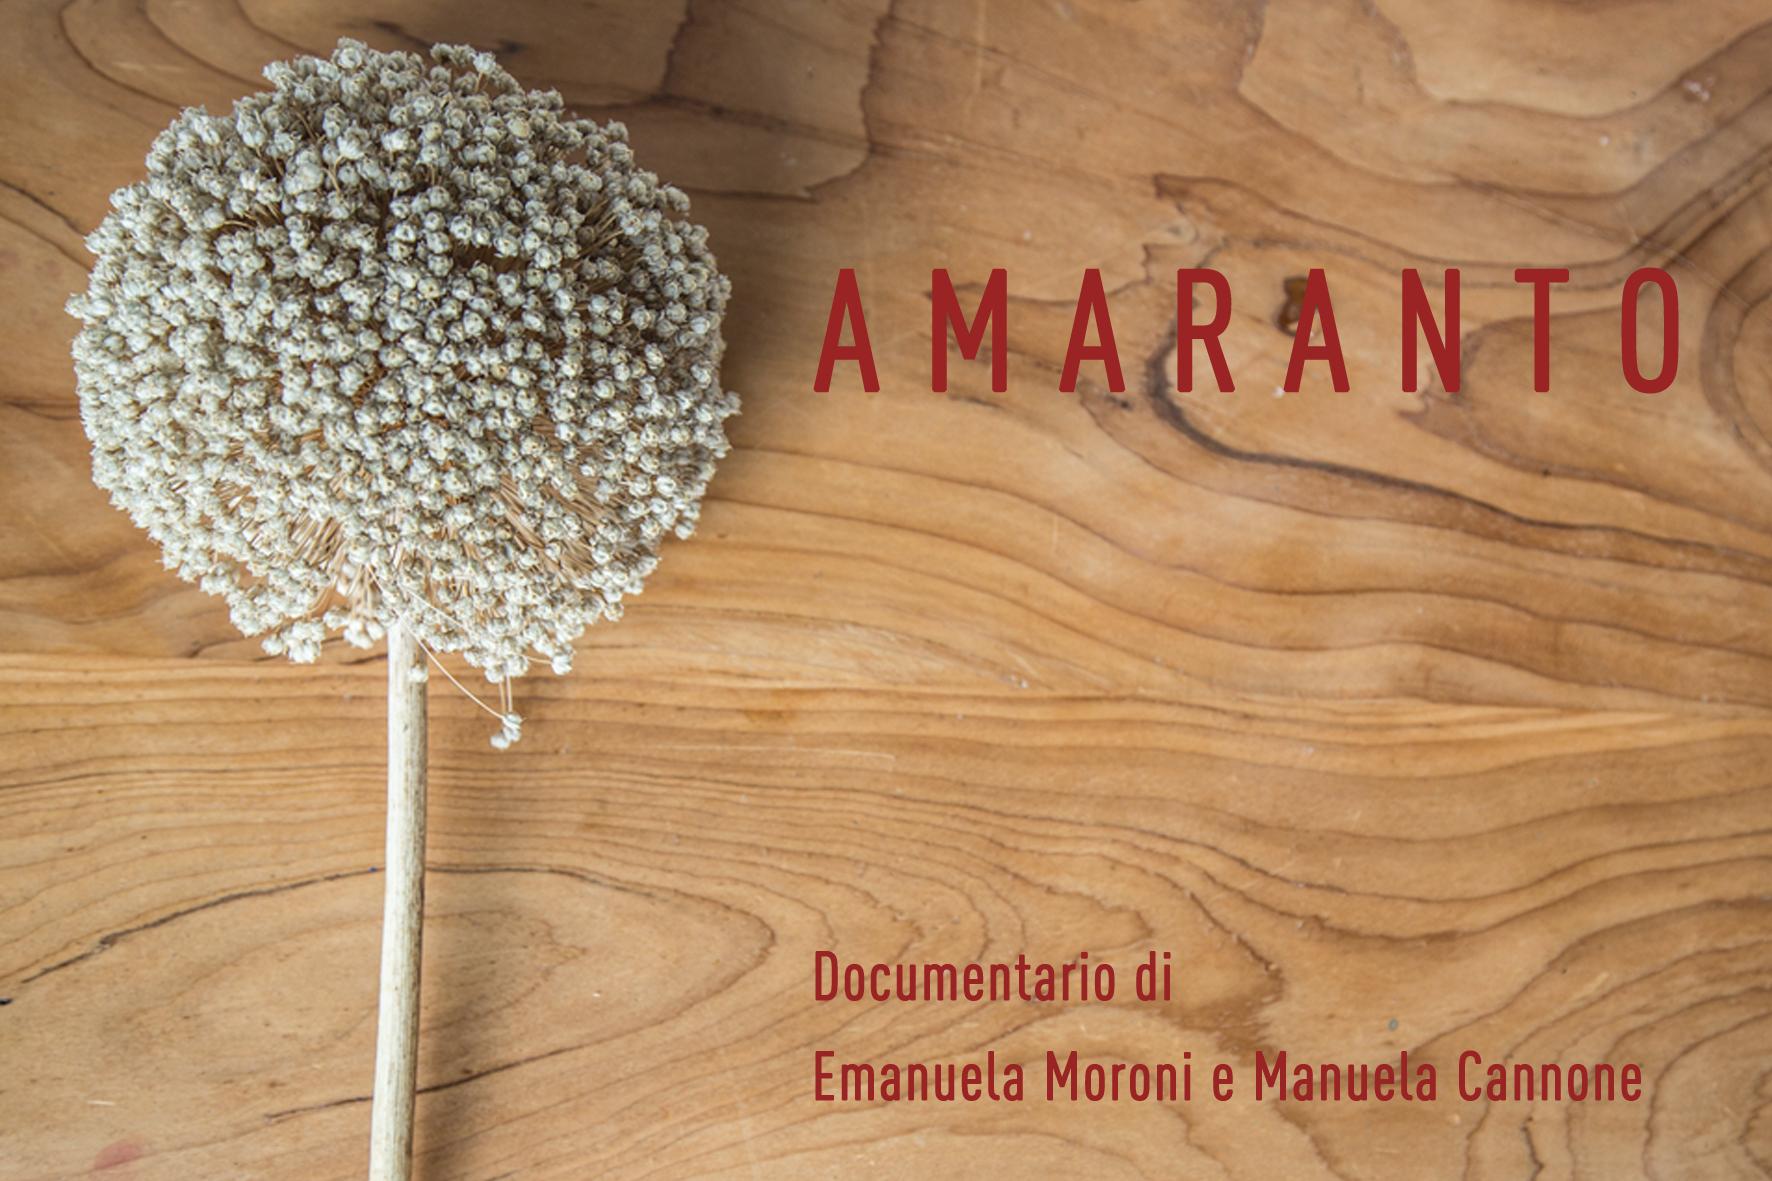 cartolina_amaranto